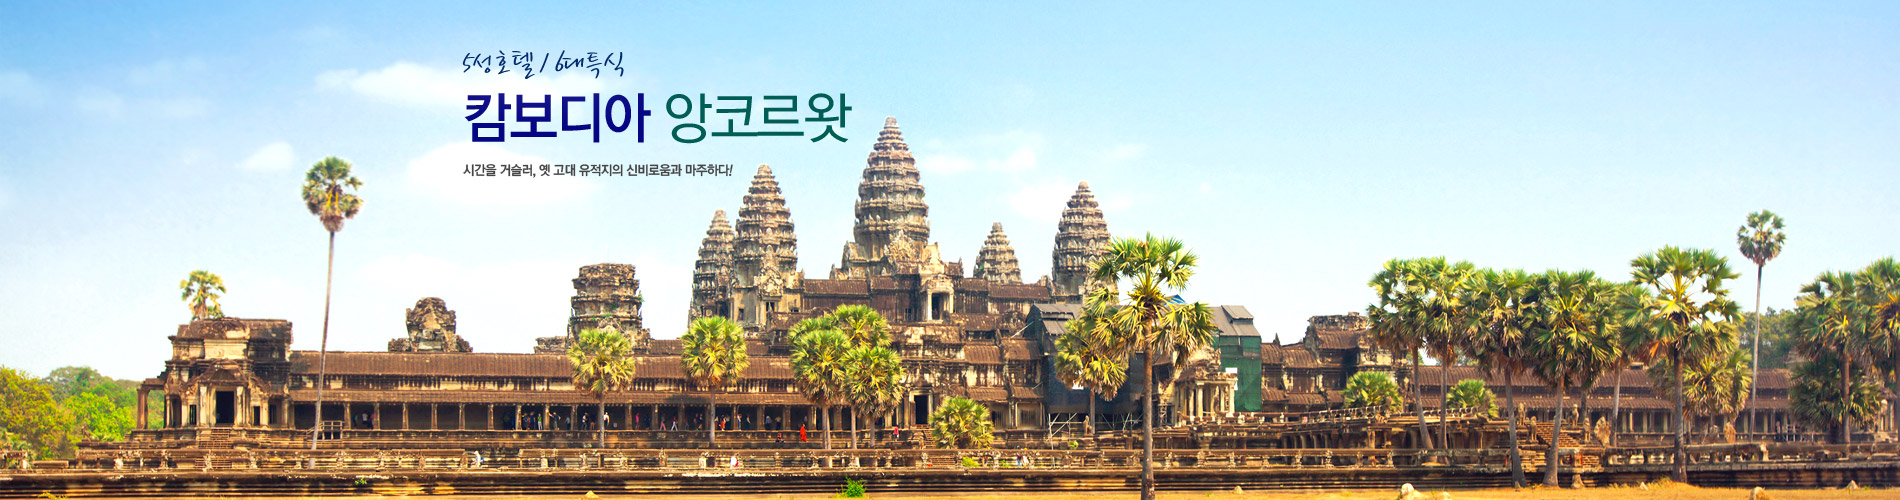 캄보디아 앙코르왓